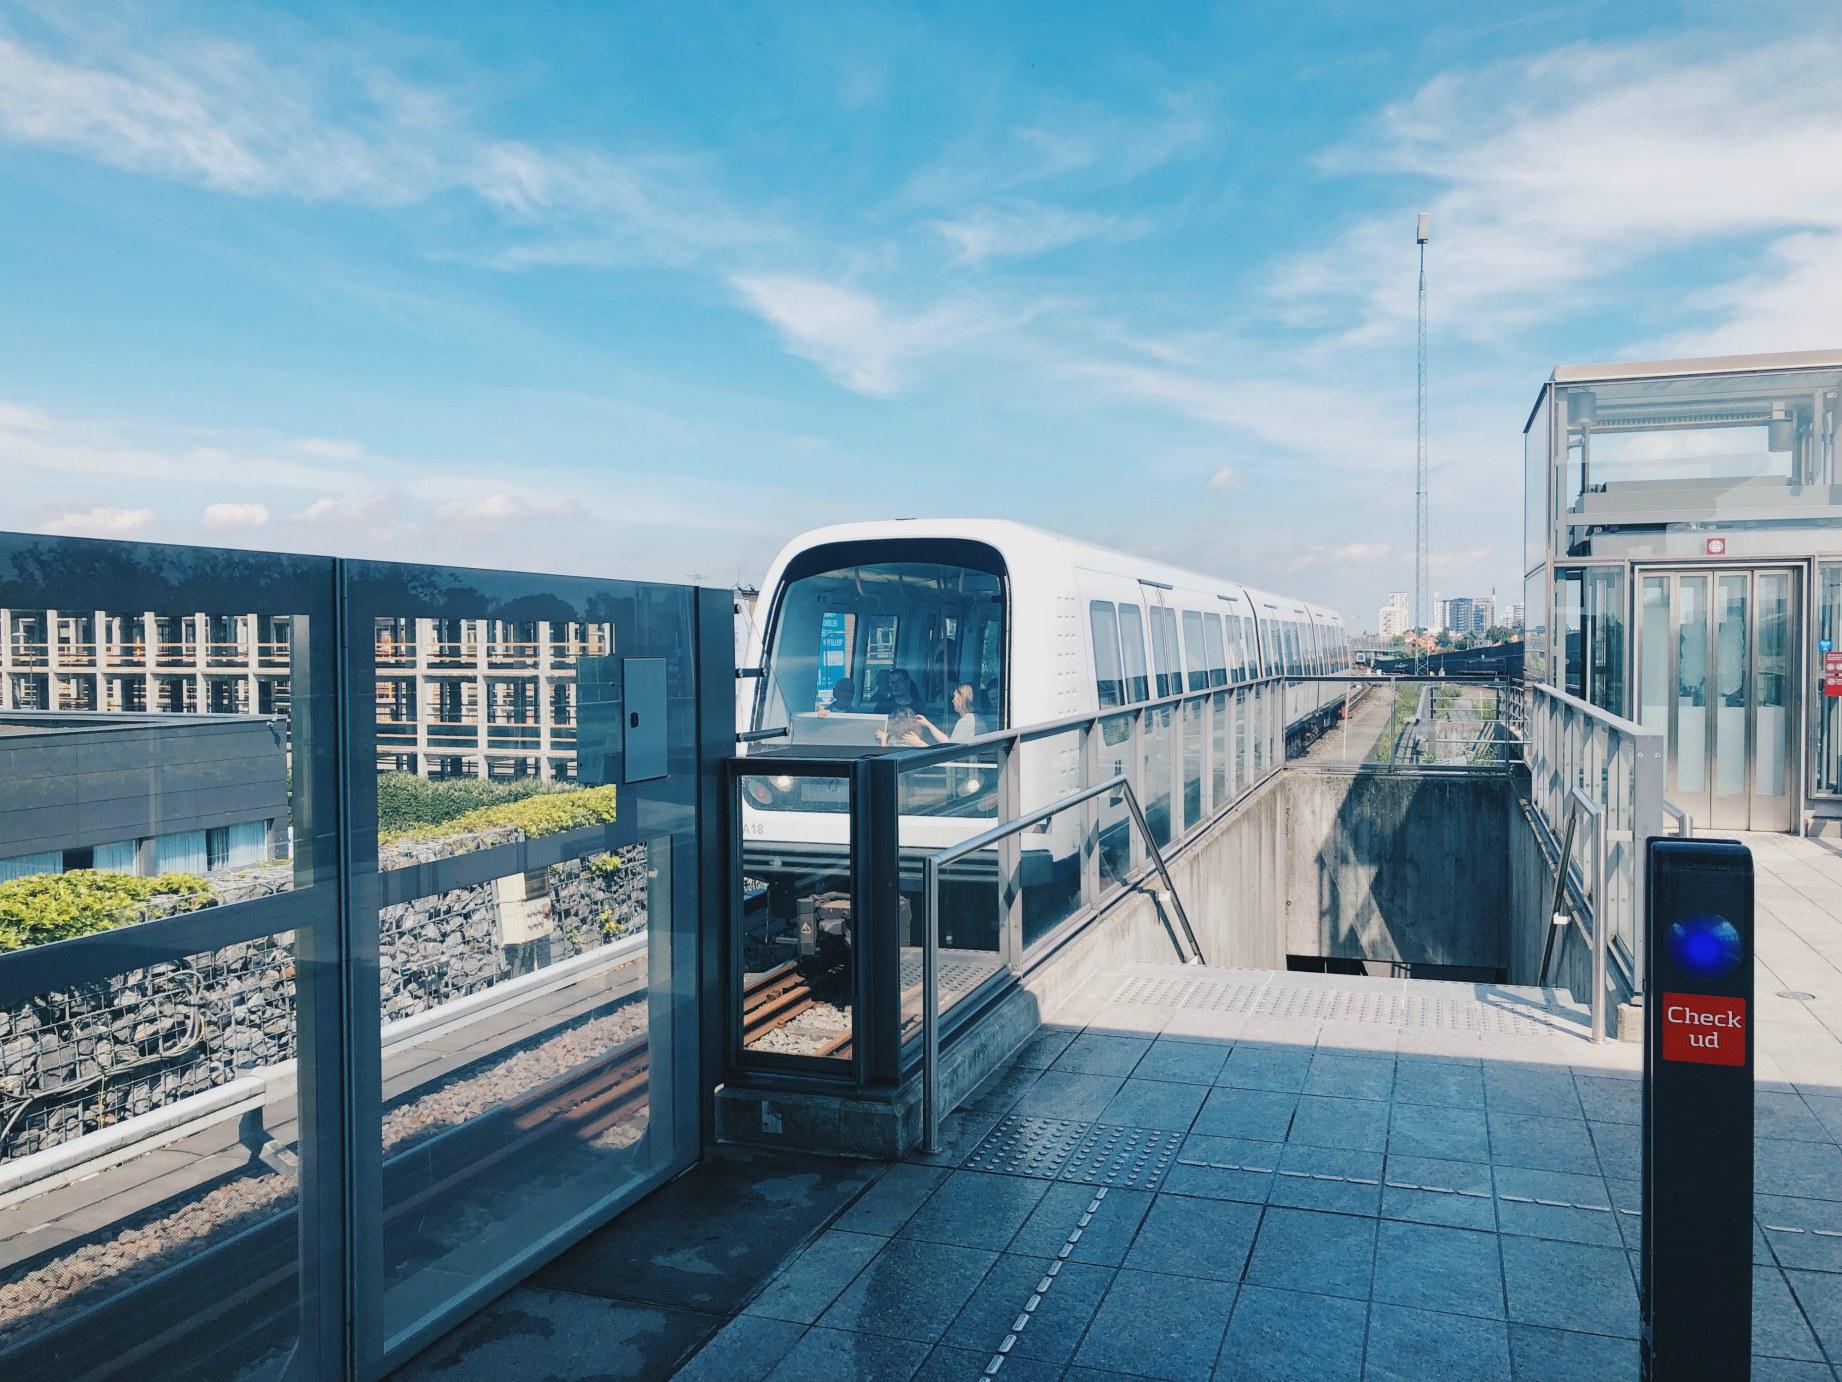 kopis_metro.jpg